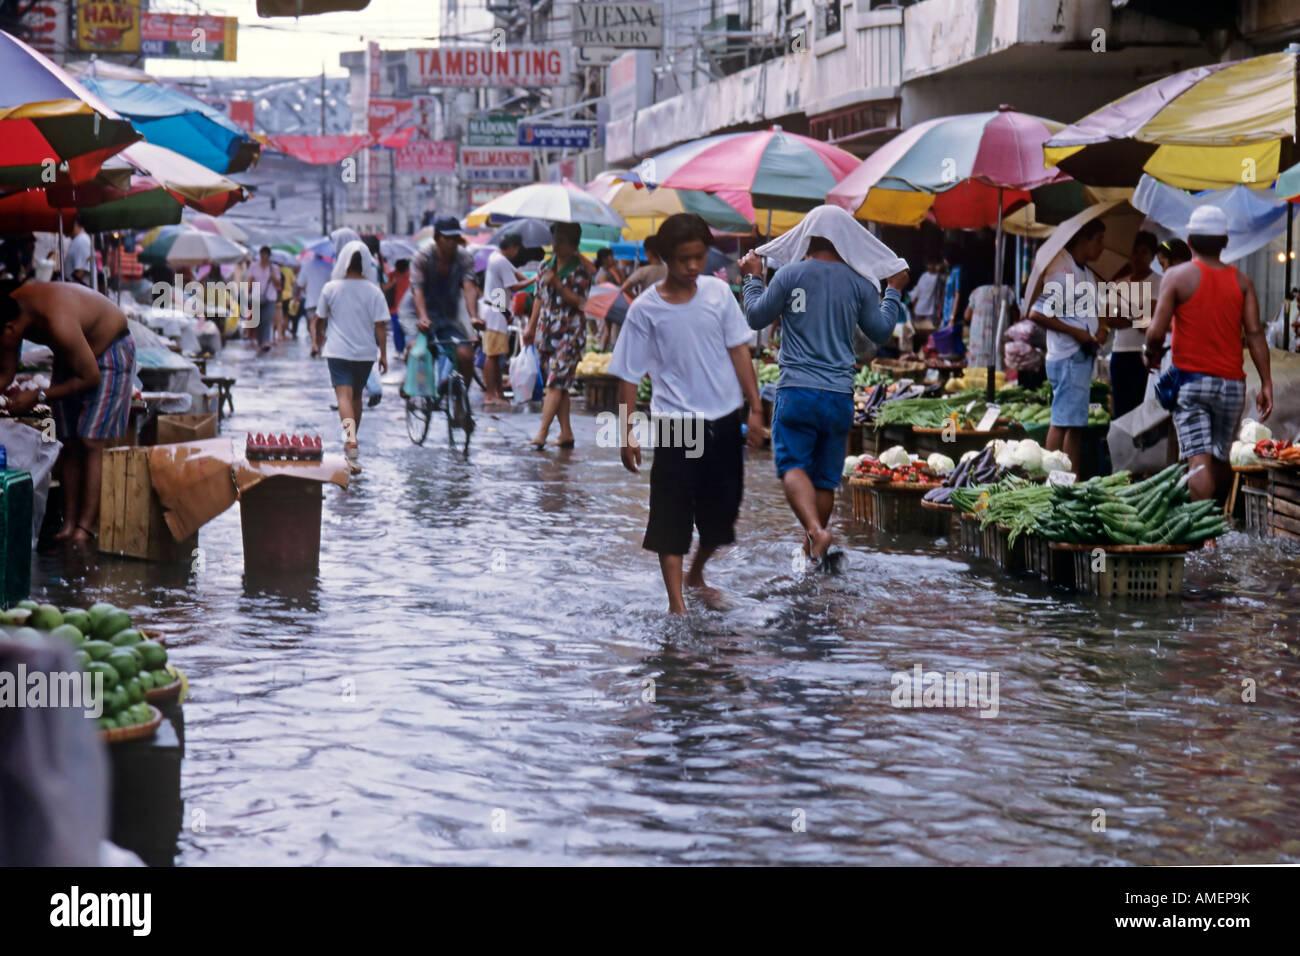 Flood Quiapo Market Manila Philippines Stock Photos Flood Quiapo